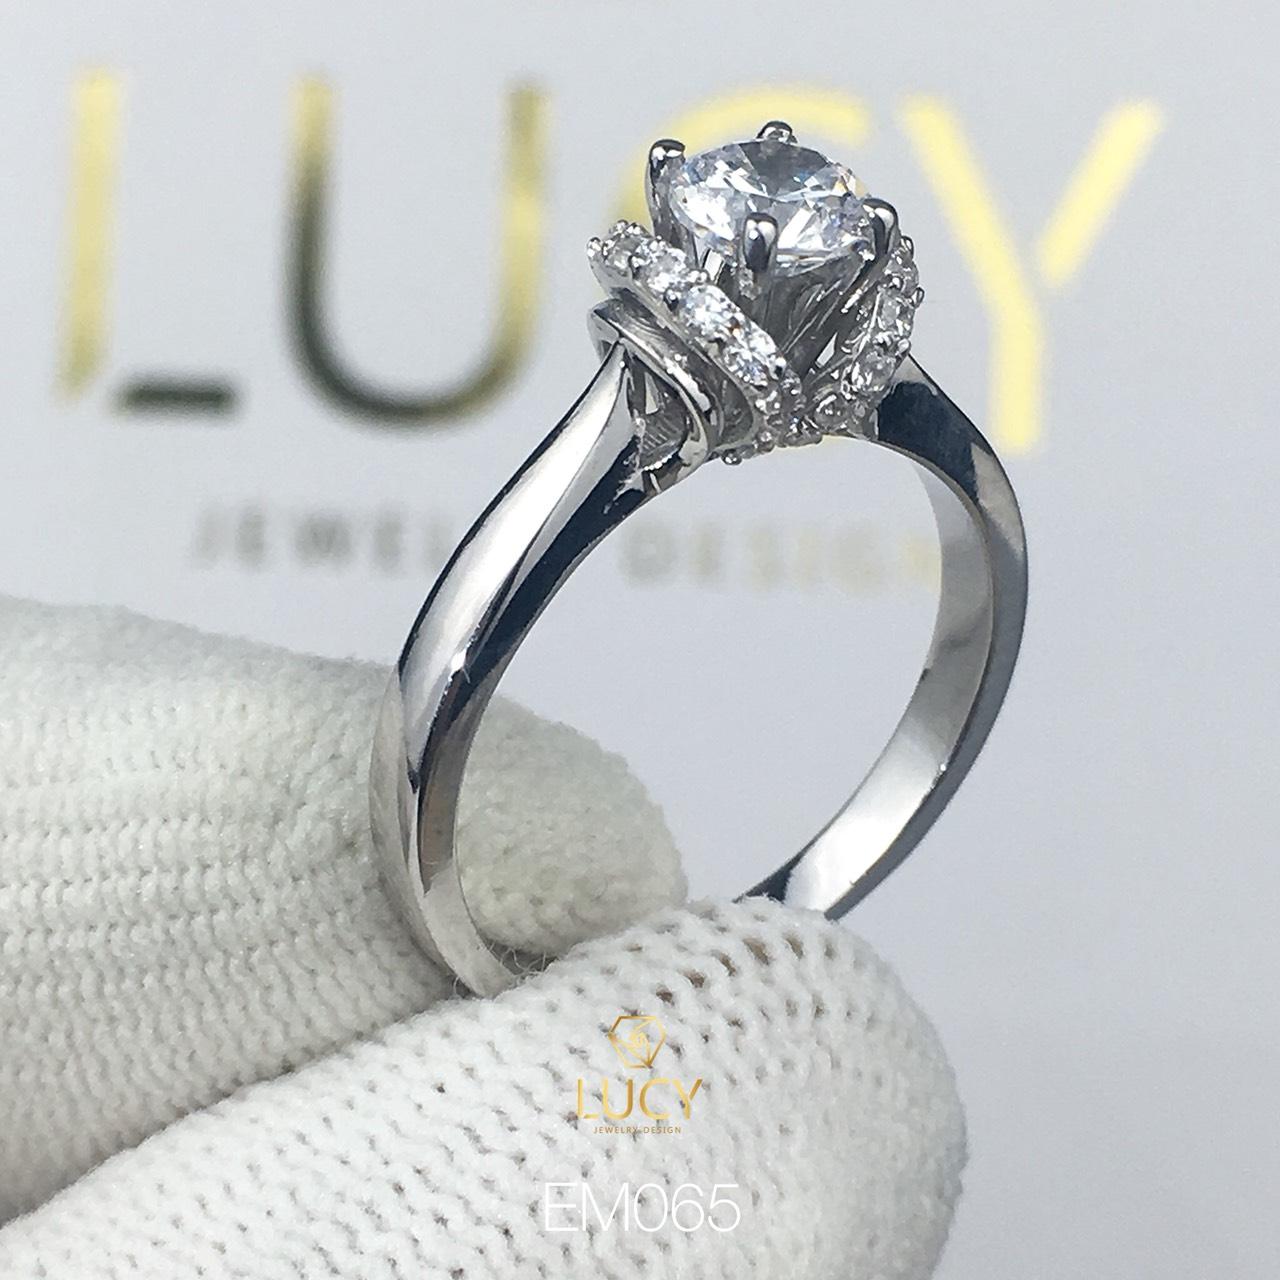 EM065 Nhẫn nữ vàng, nhẫn ổ kim cương 4.5mm, nhẫn nữ thiết kế, nhẫn cầu hôn, nhẫn đính hôn - Lucy Jewelry